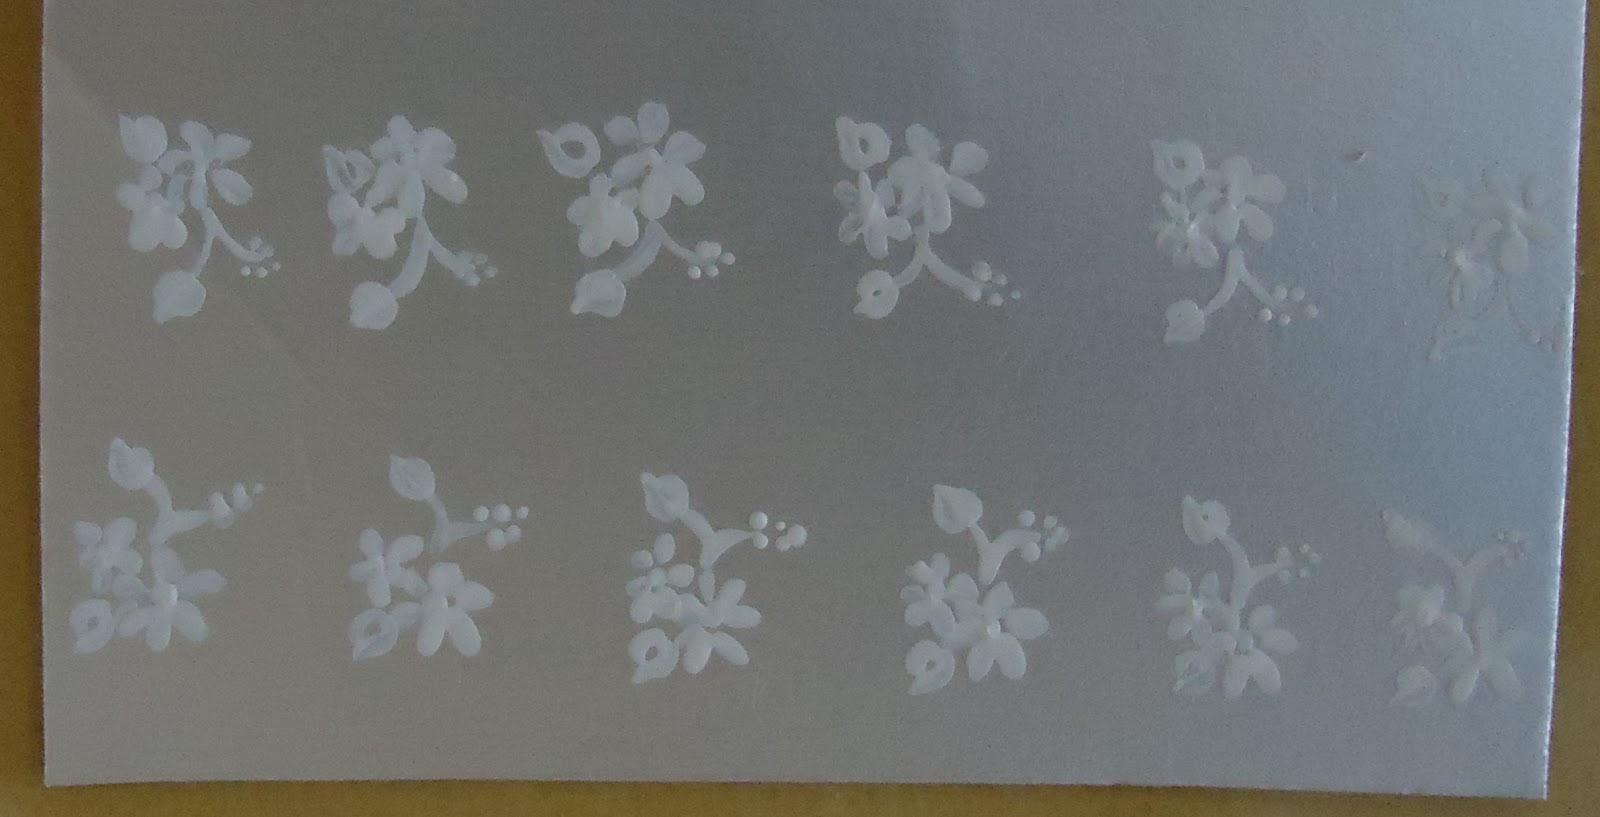 Armario Metal Com Chave ~ Beleza das unhas Adesivo artesanal de unhas flores brancas